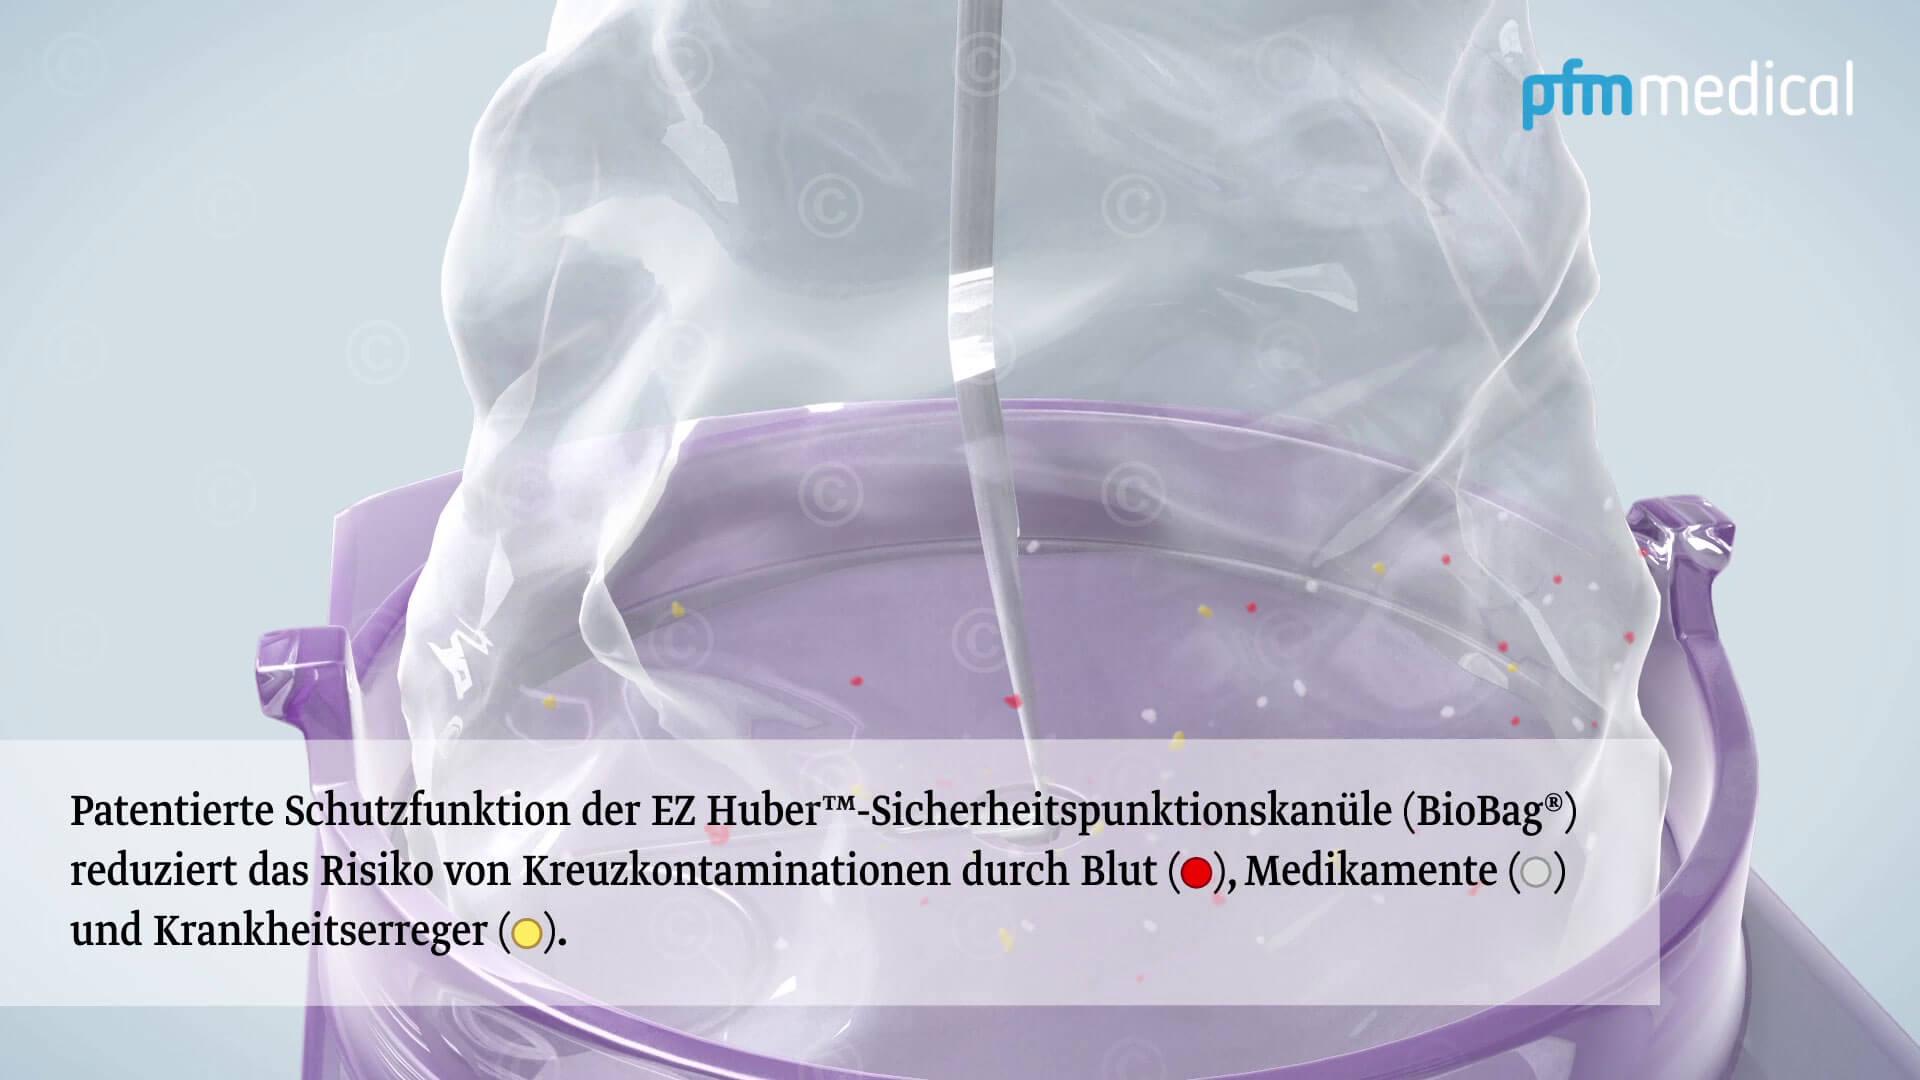 portkanuele verhinderung kontamination